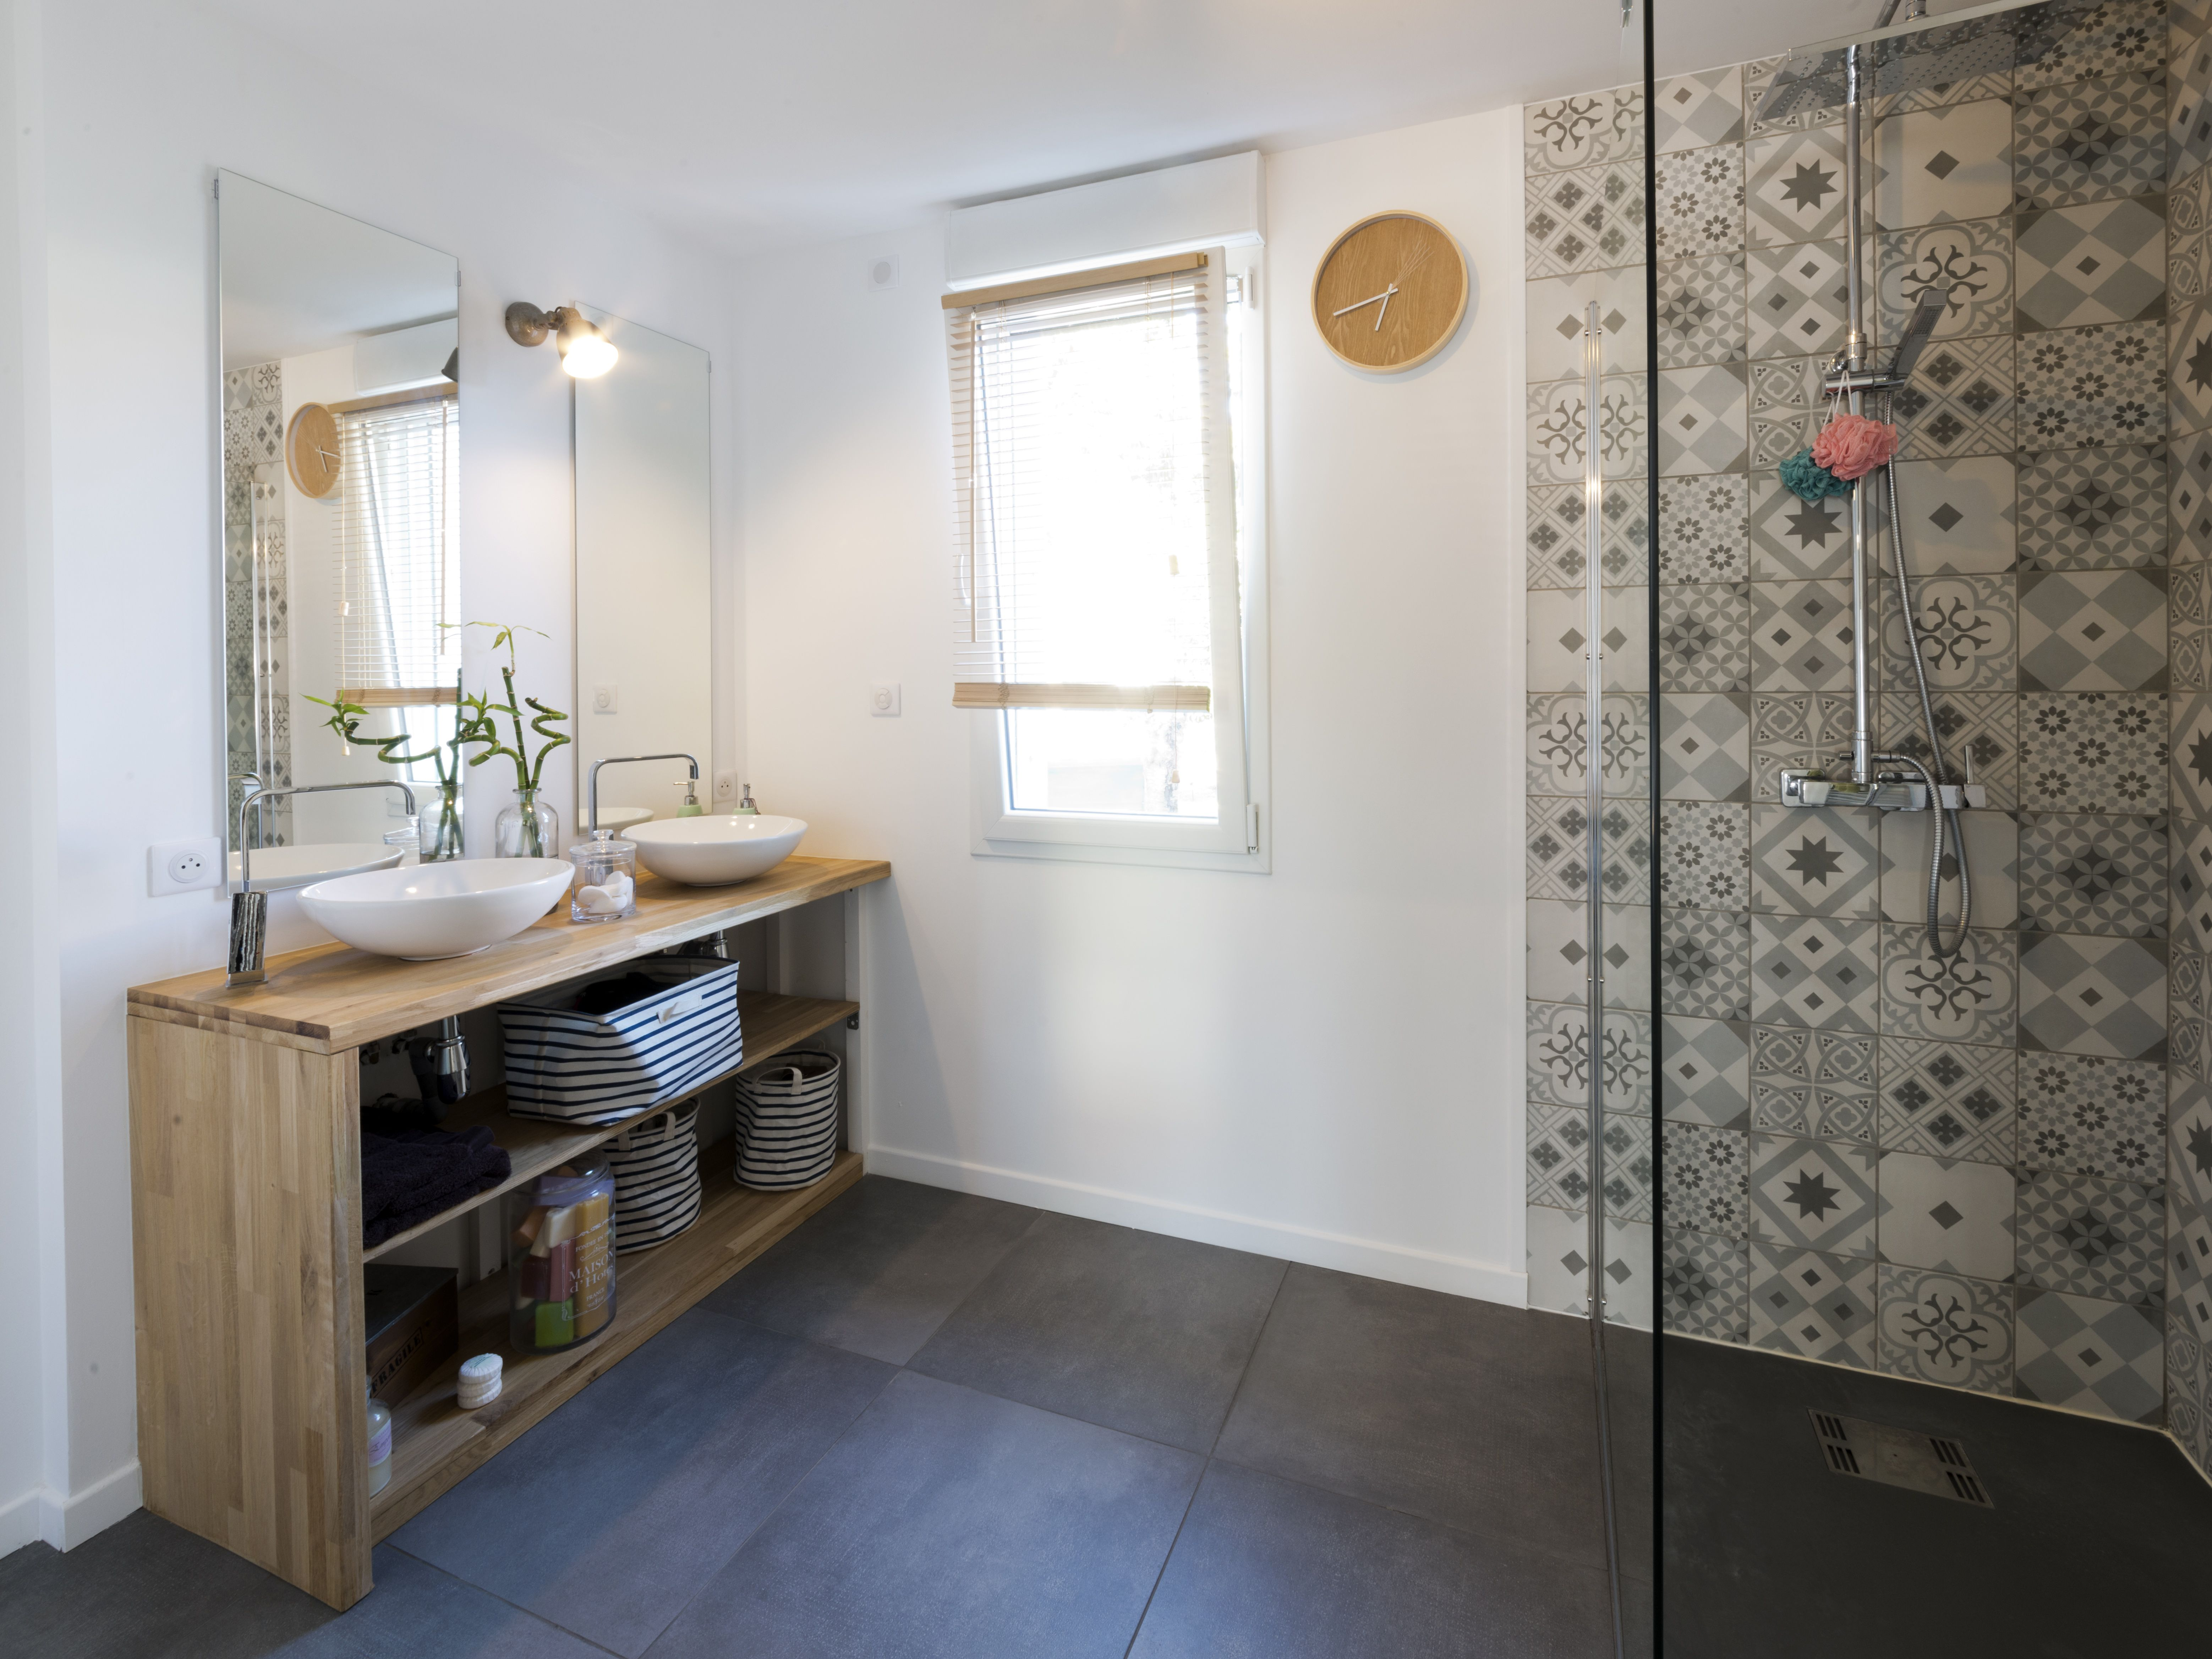 une salle de bains pour les parents avec une douche l 39 italienne des carreaux wc. Black Bedroom Furniture Sets. Home Design Ideas